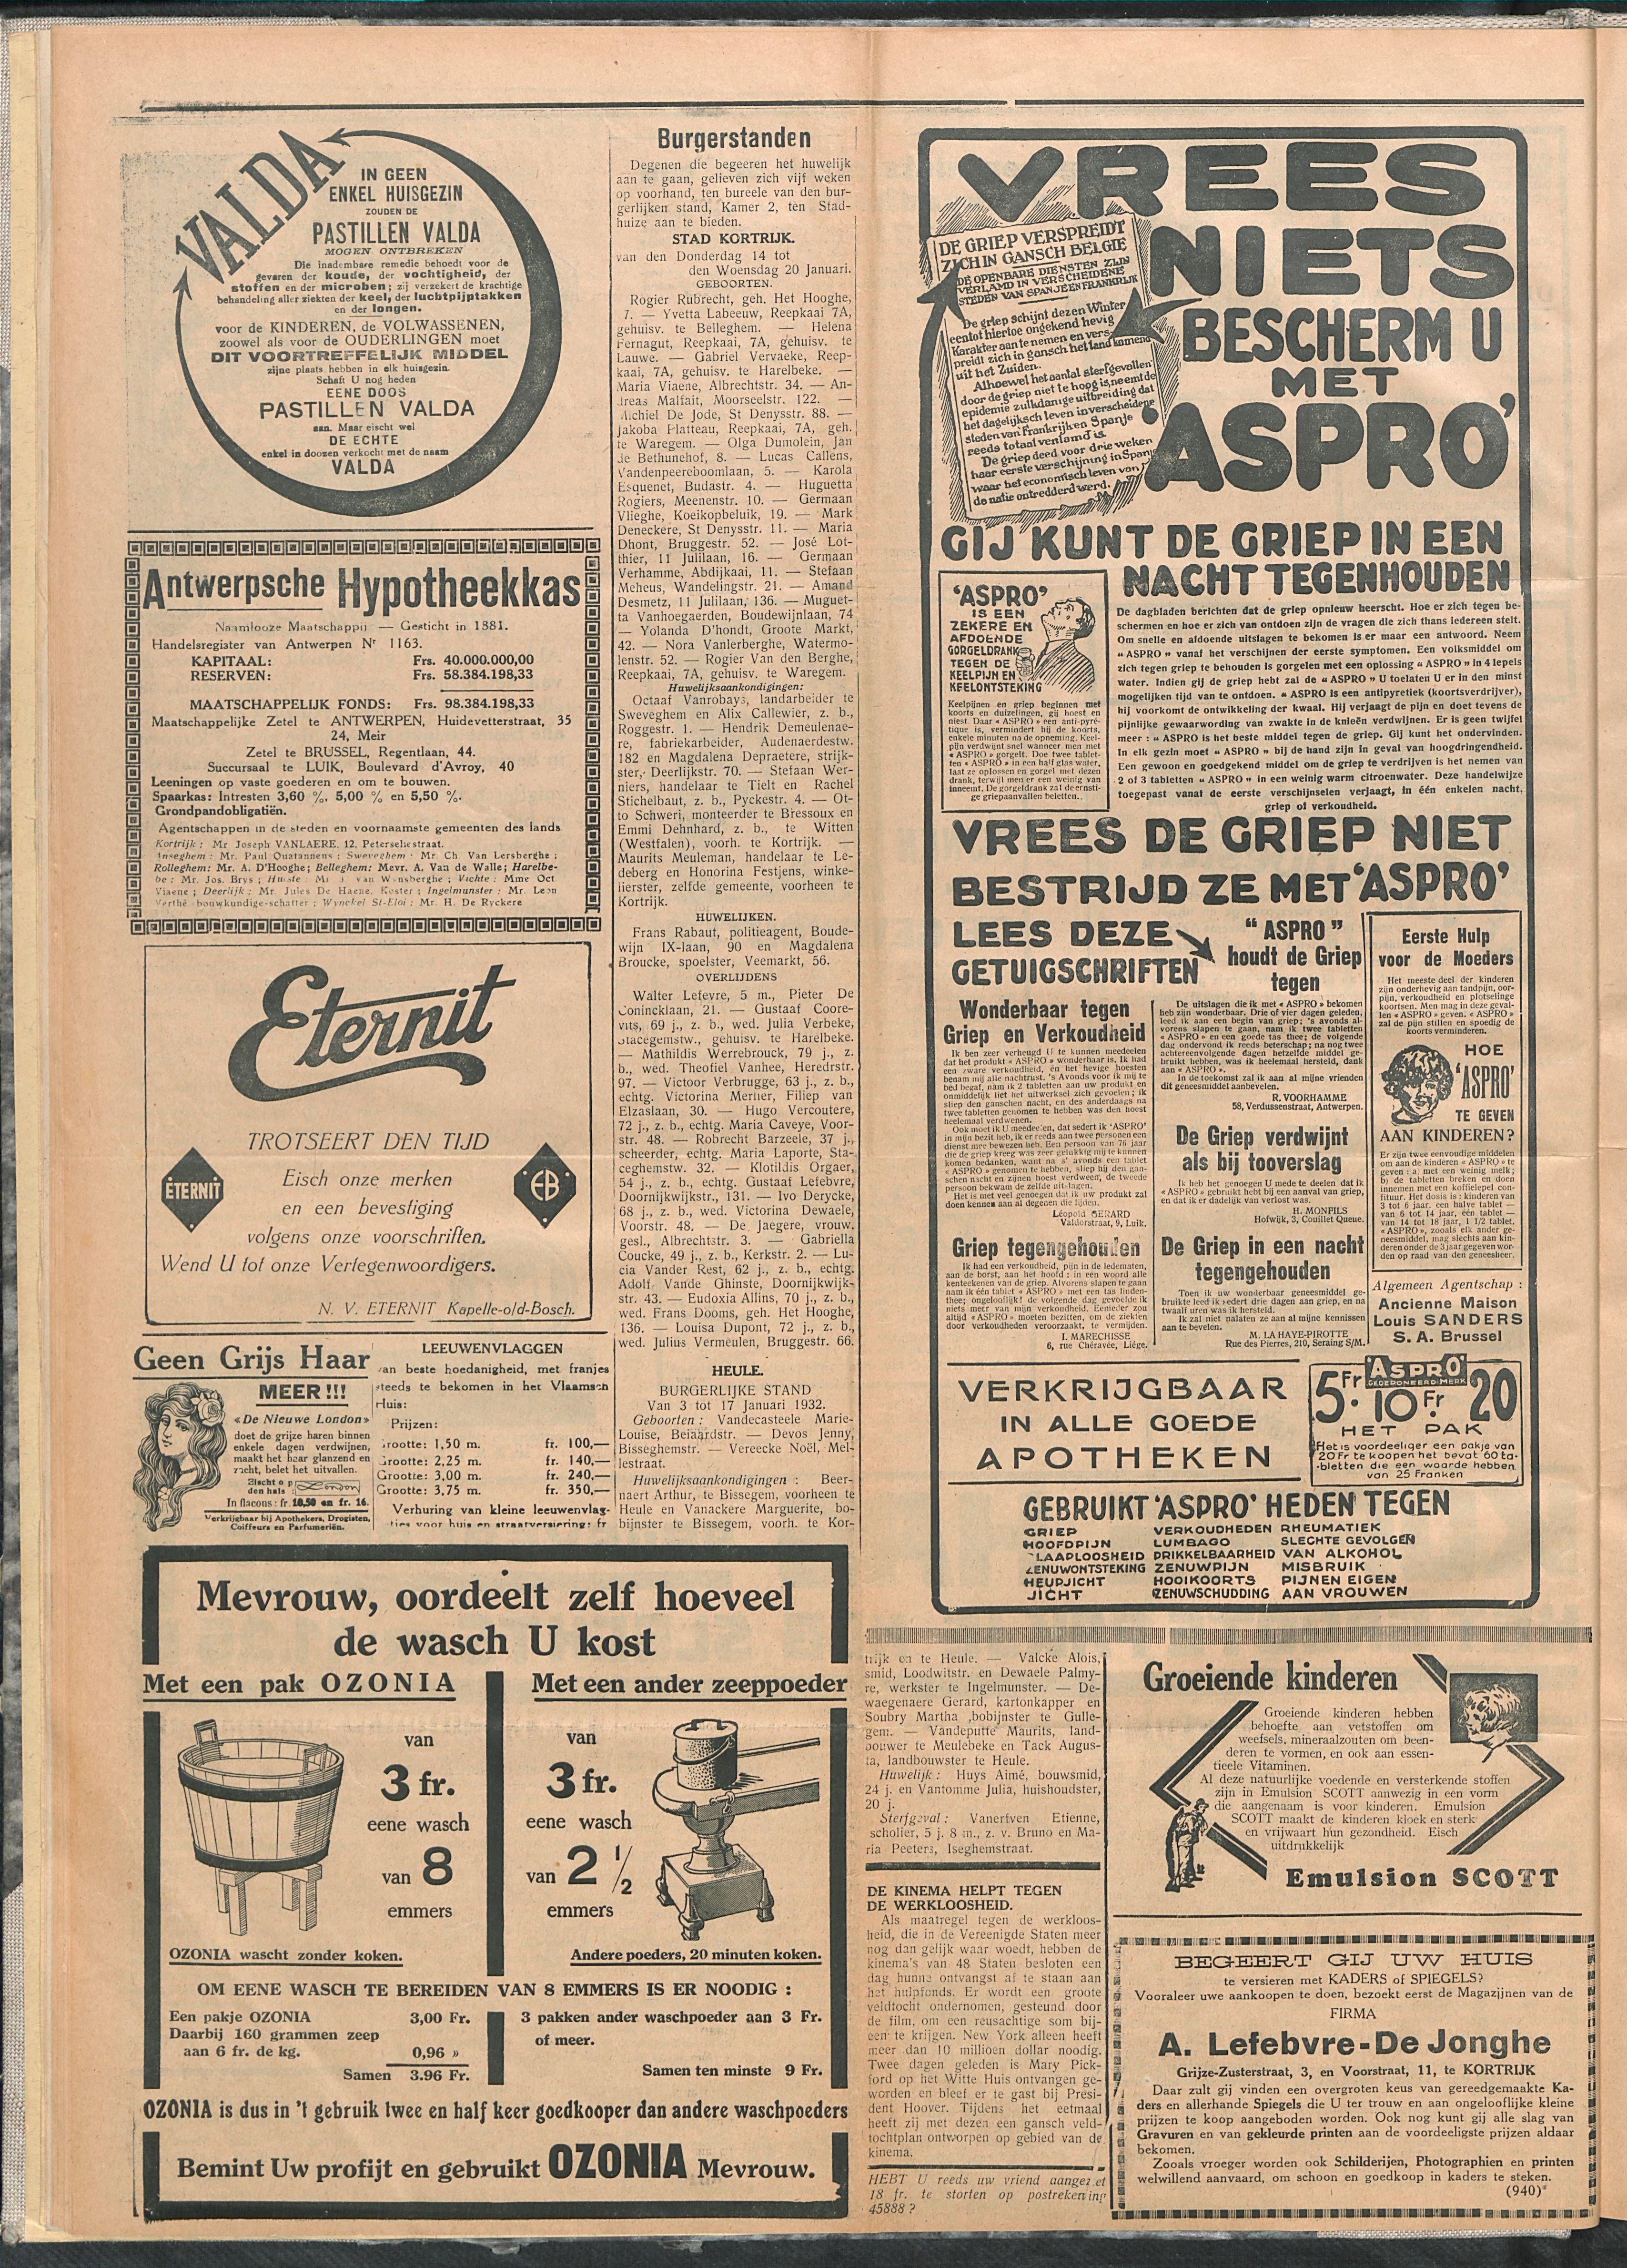 Het Kortrijksche Volk 1932-01-24 p4